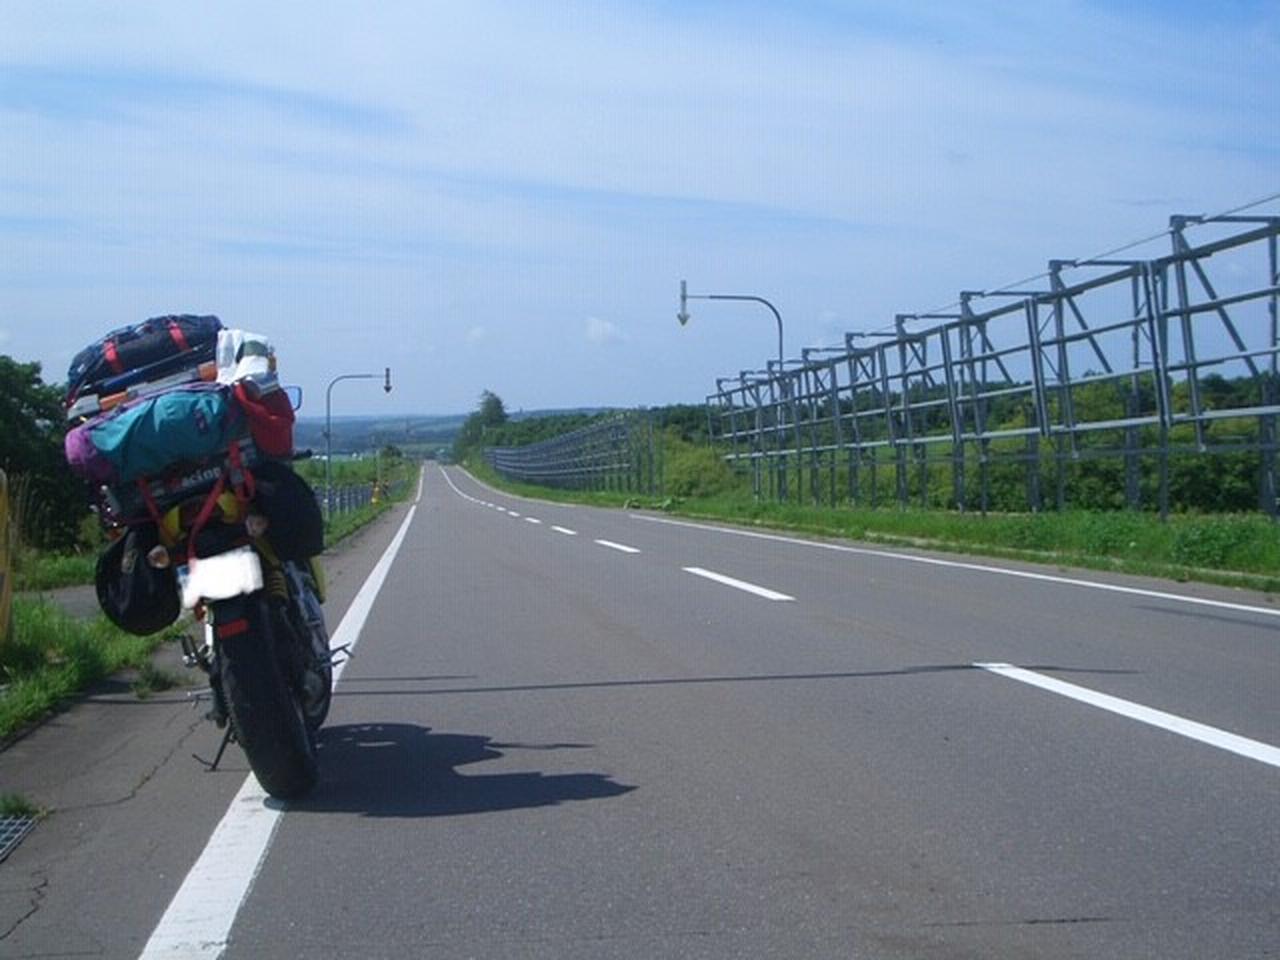 画像1: 【キャンプツーリング歴30年のライター推薦】 バイクツーリングにおすすめテント! - ハピキャン(HAPPY CAMPER)